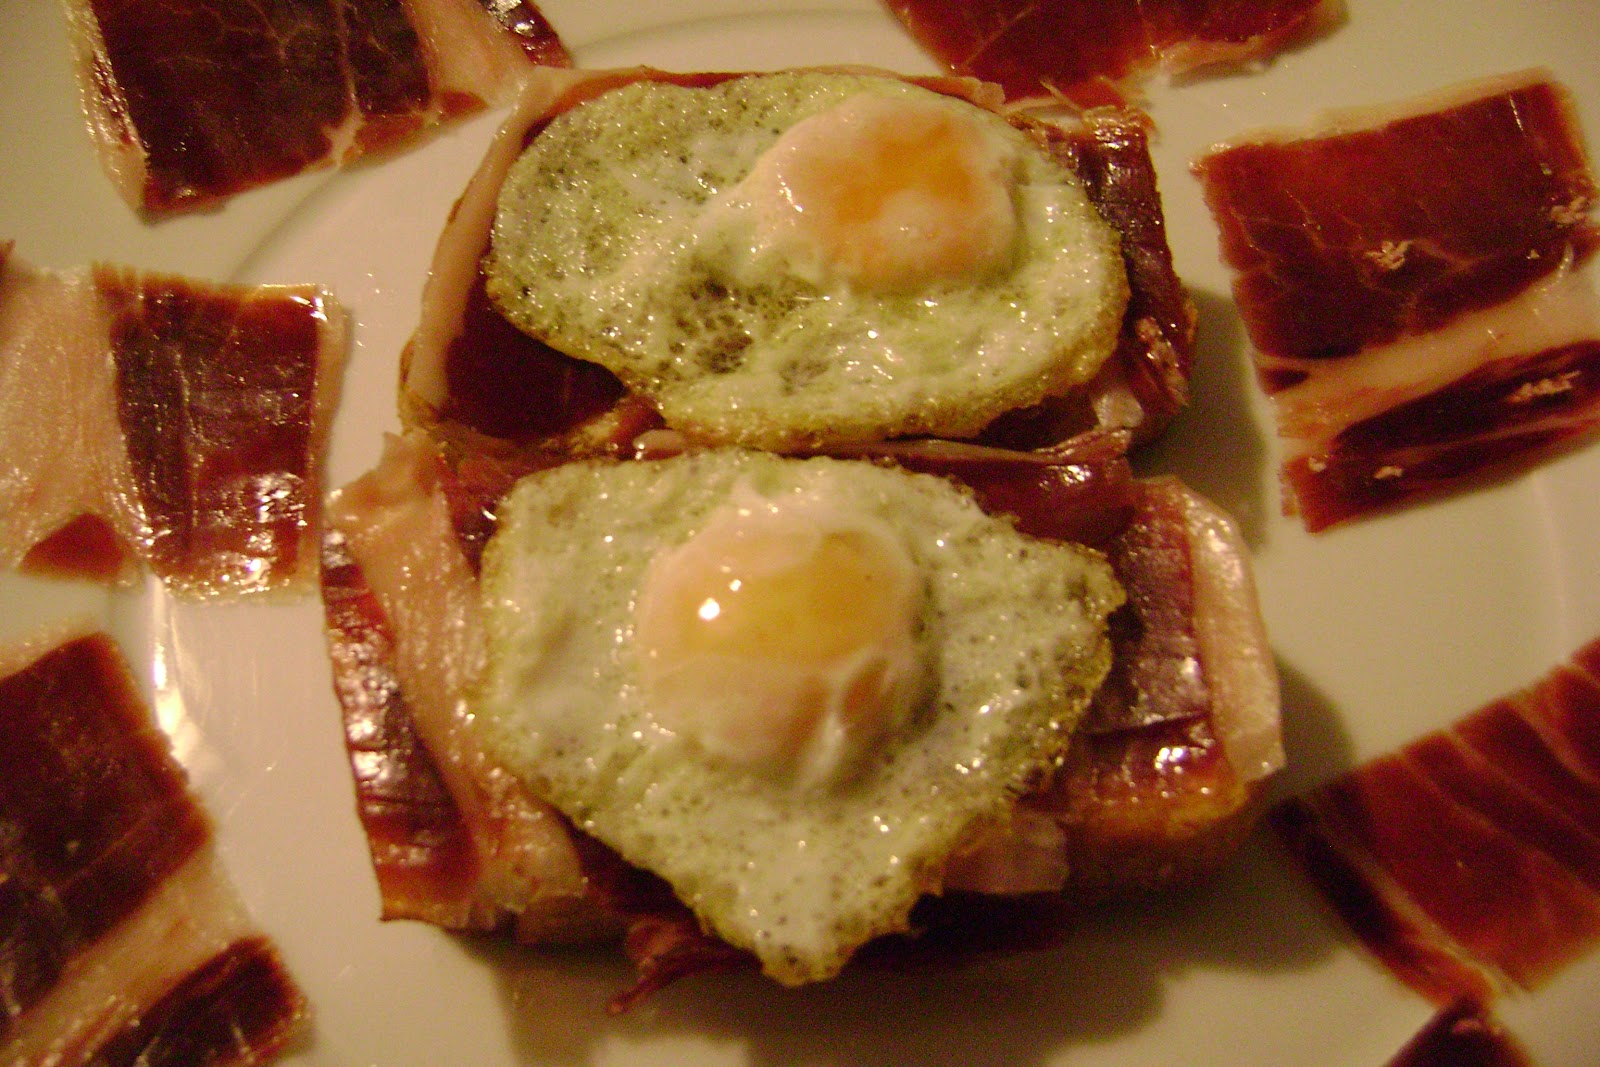 Ricetta: fetta biscottata con prosciutto iberico, pomodoro e uova di quaglia